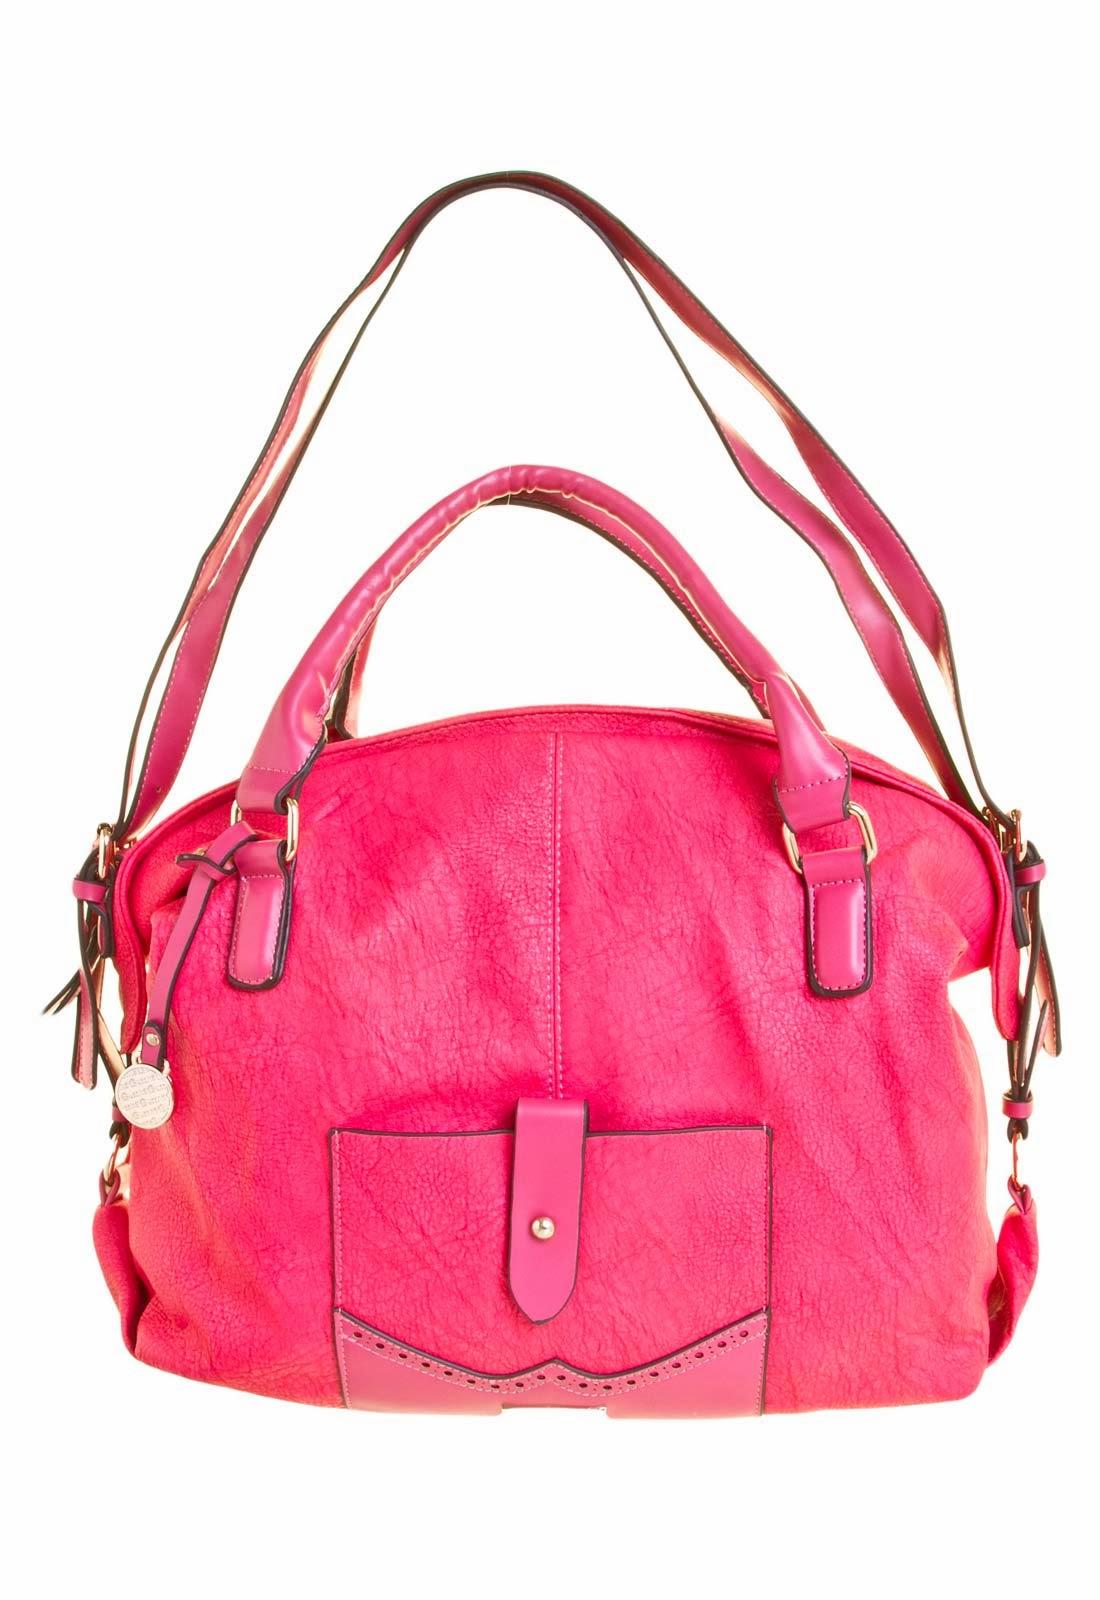 6abfe3120a50b Bazar Desapega  Bolsa Queens Pink